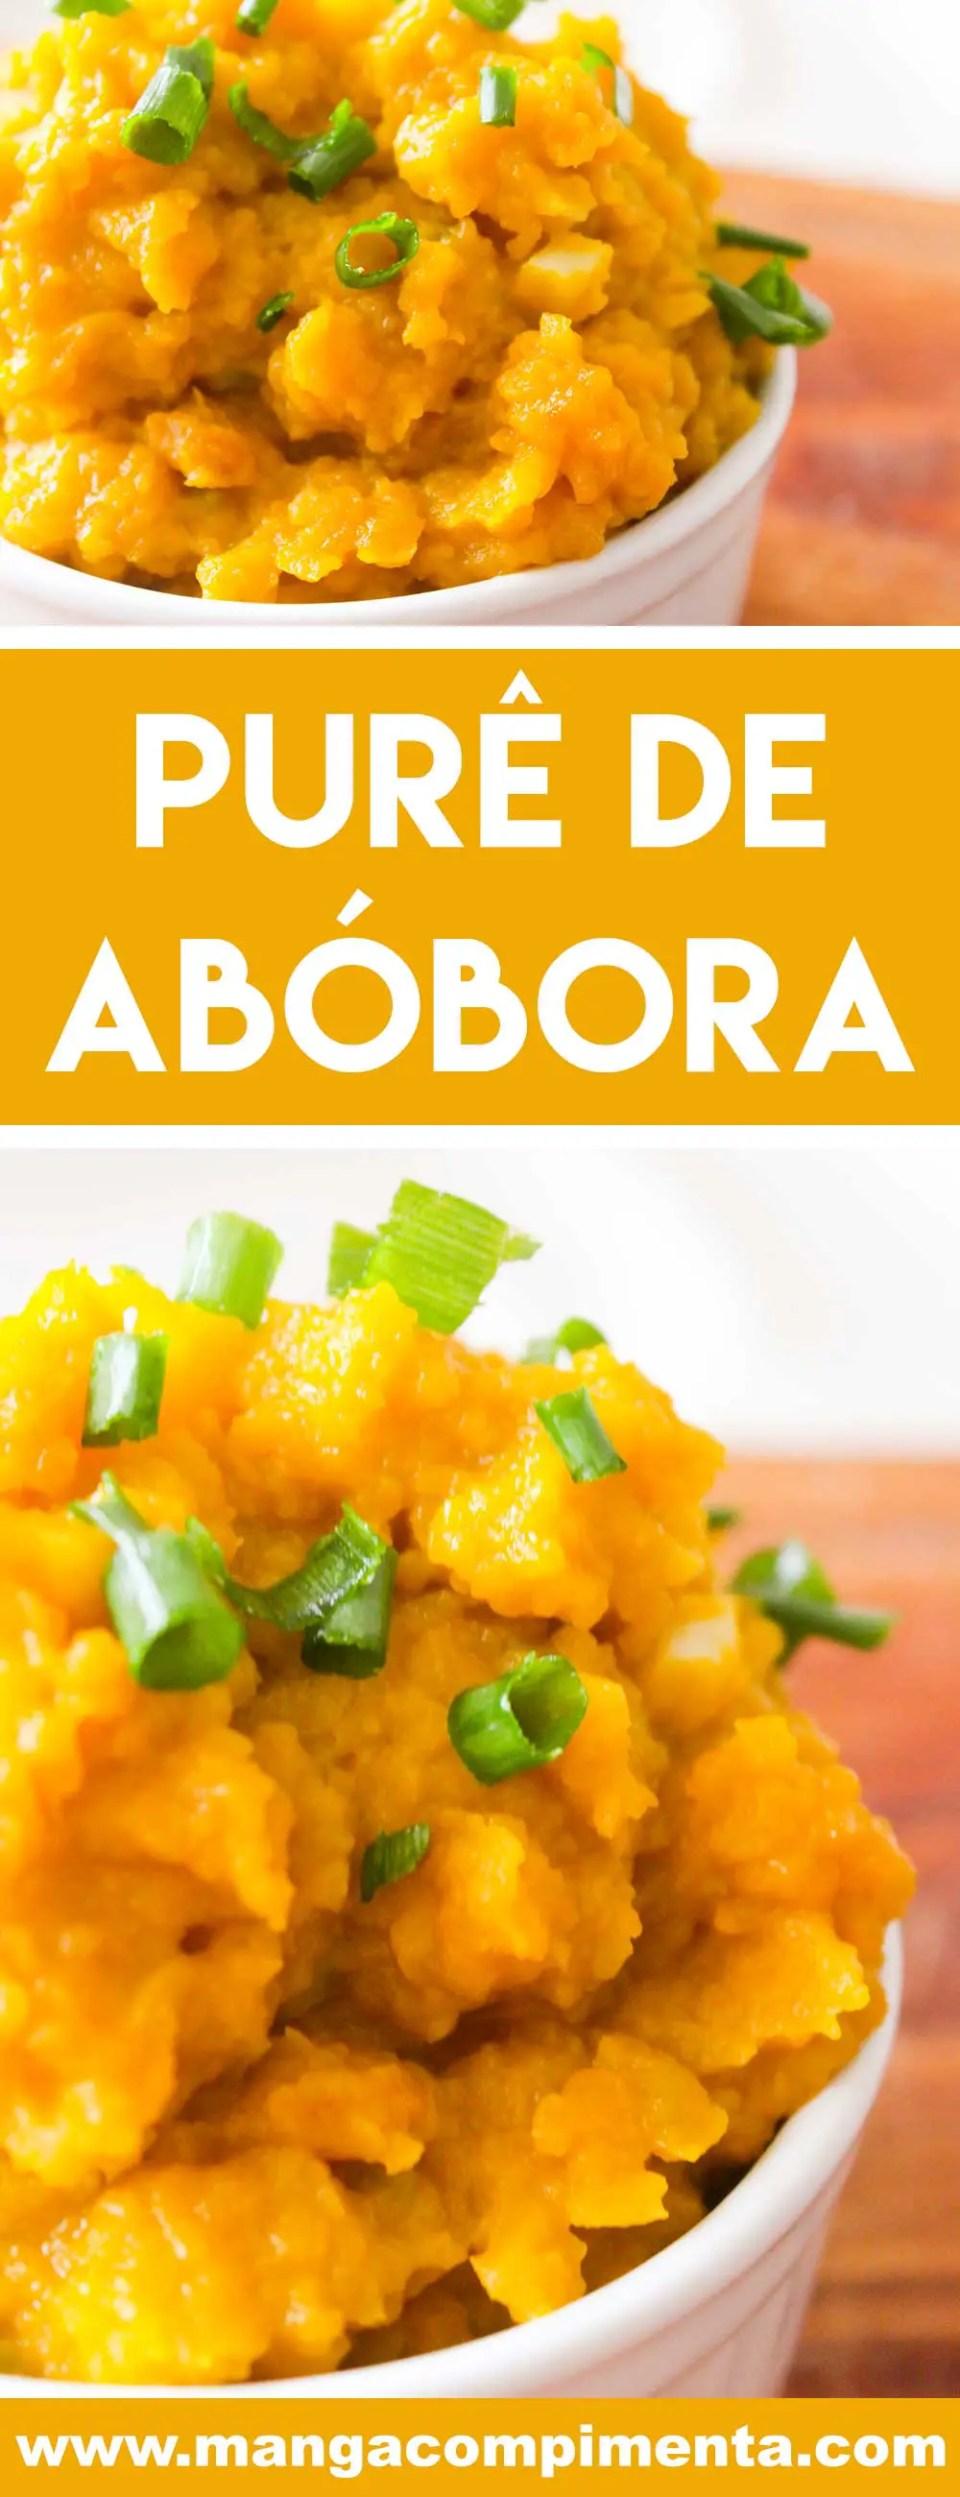 Receita de Purê de Abóbora - sem adição de manteiga e leite, um prato bem cremoso para o almoço ou jantar da semana.